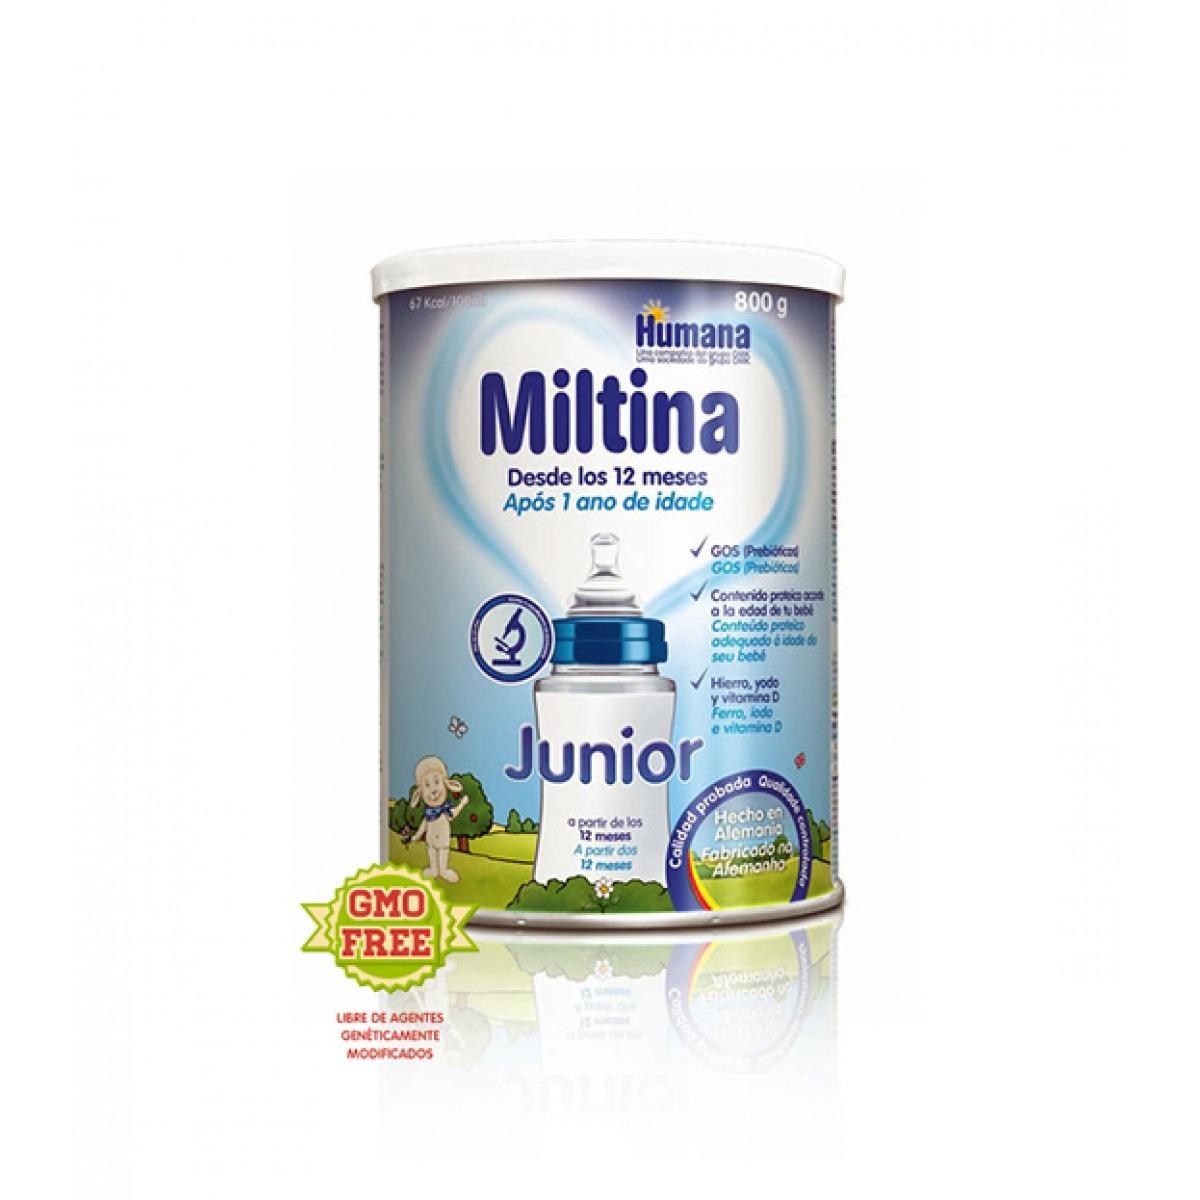 MILTINA JUNIOR 800 G.